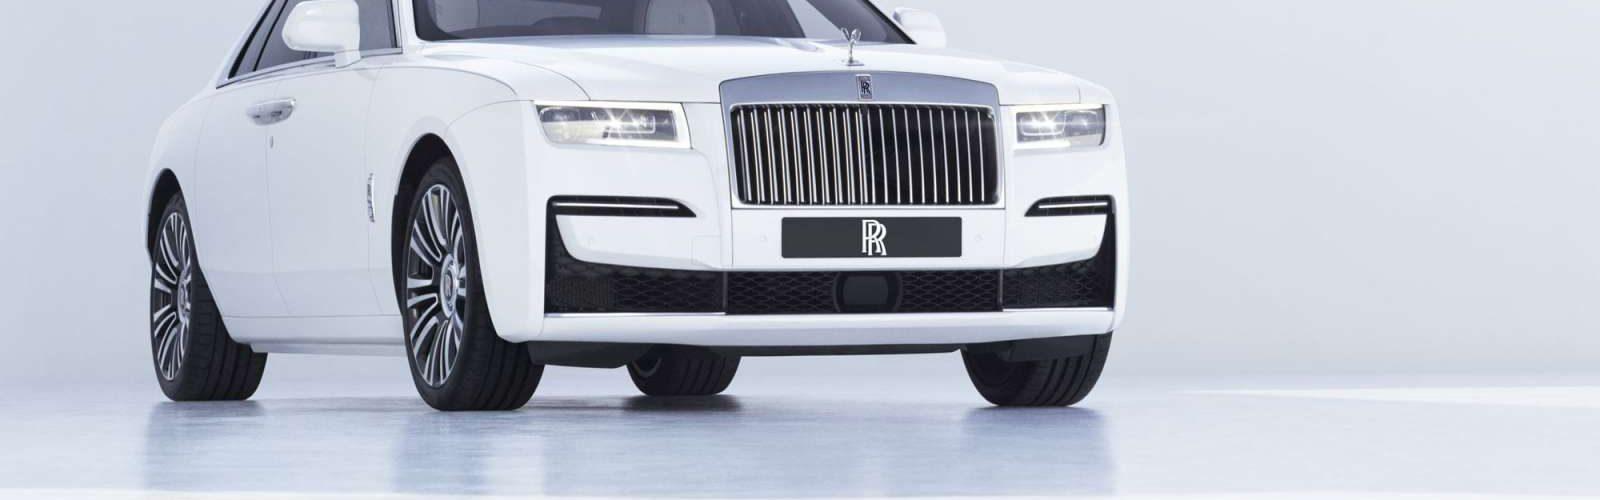 Rolls Royce Ghost 2021 1